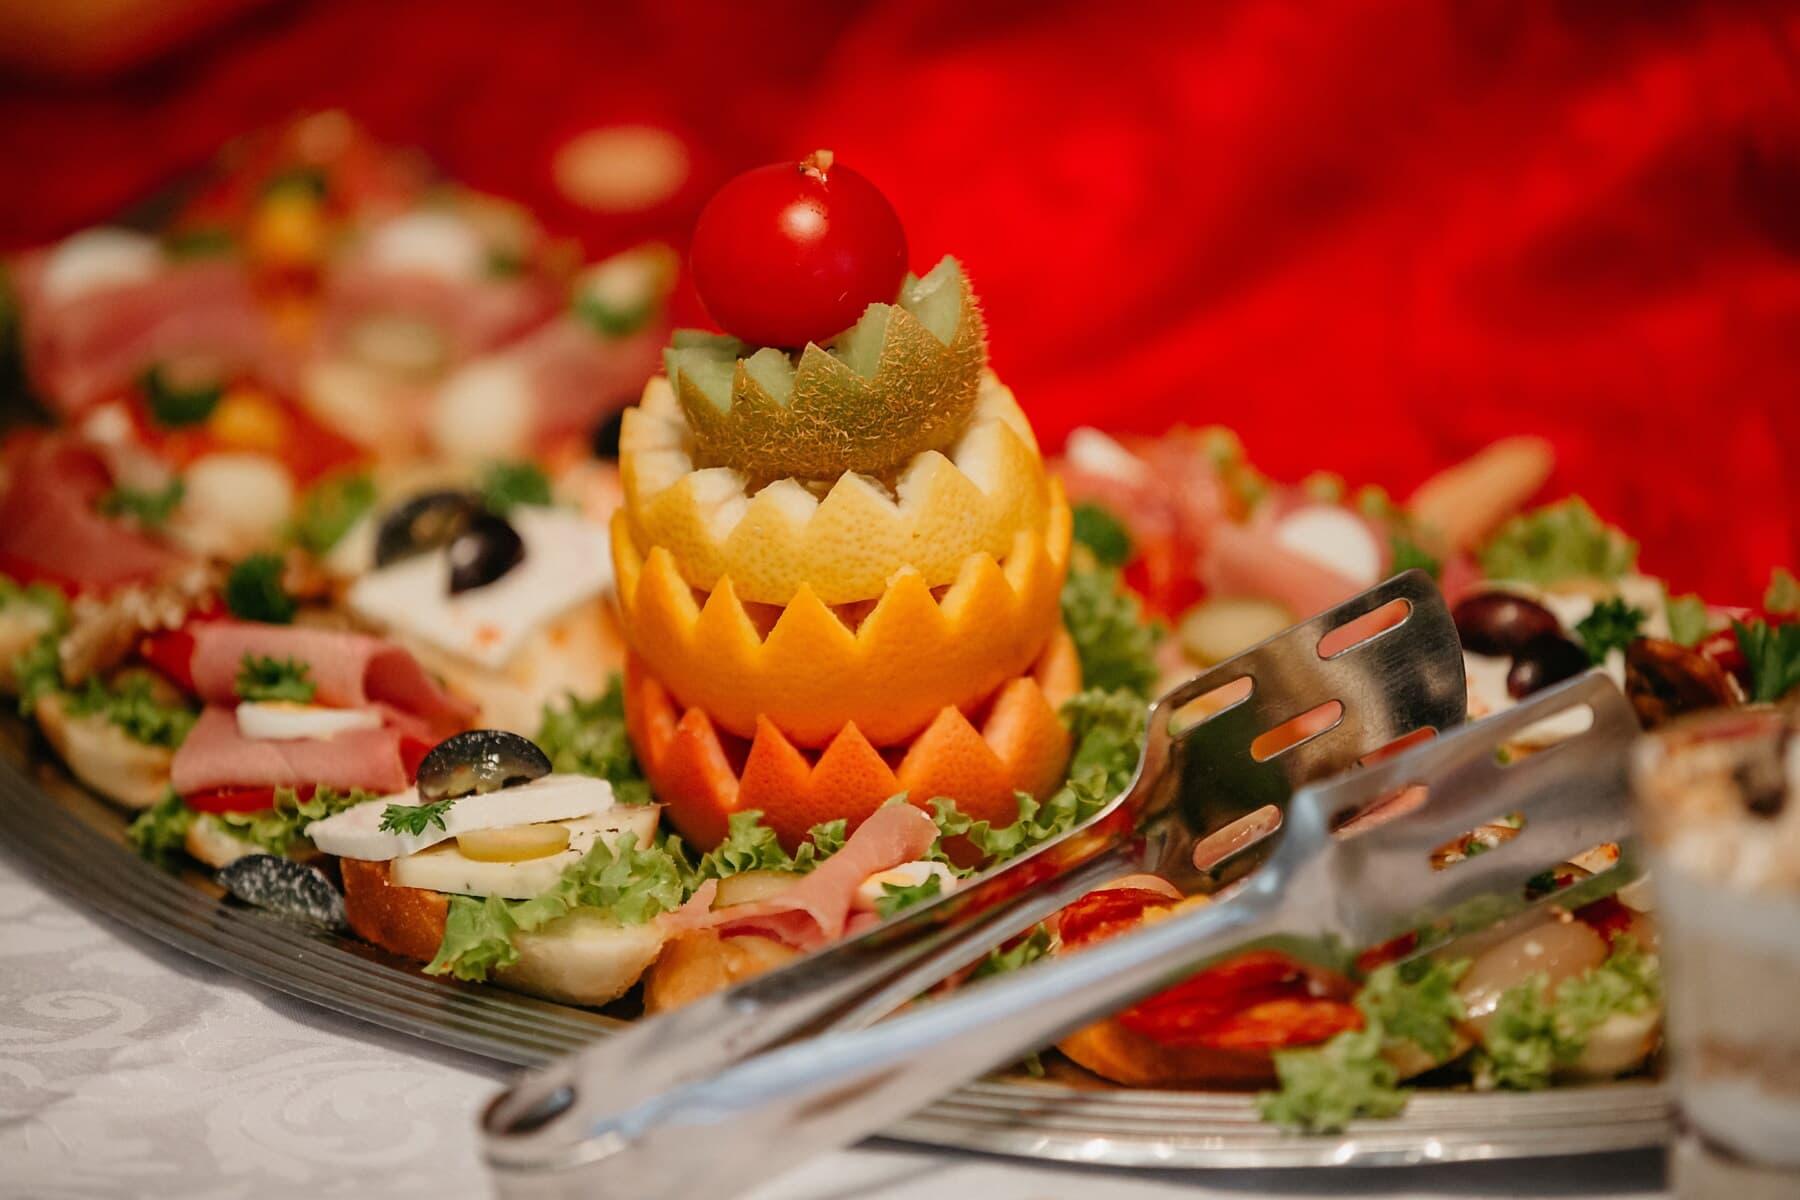 snack, voorgerecht, salade, ontbijtbuffet, garnituur, Kiwi, sinaasappelen, plaat, diner, lunch